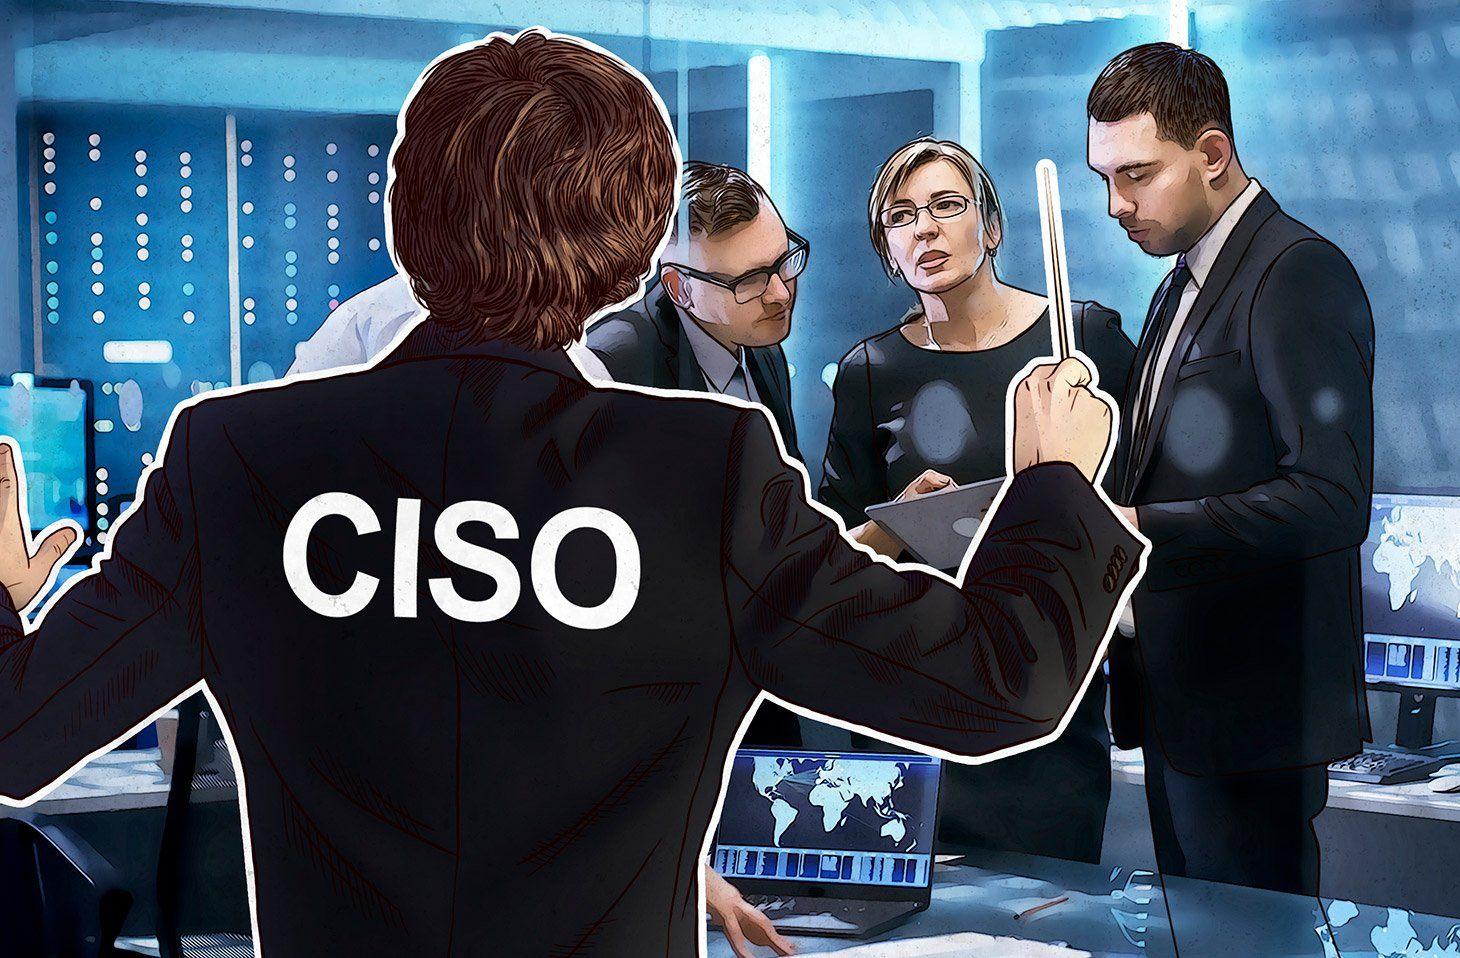 Что нужно, чтобы быть CISO: успех и лидерство в сфере корпоративной информационной безопасности